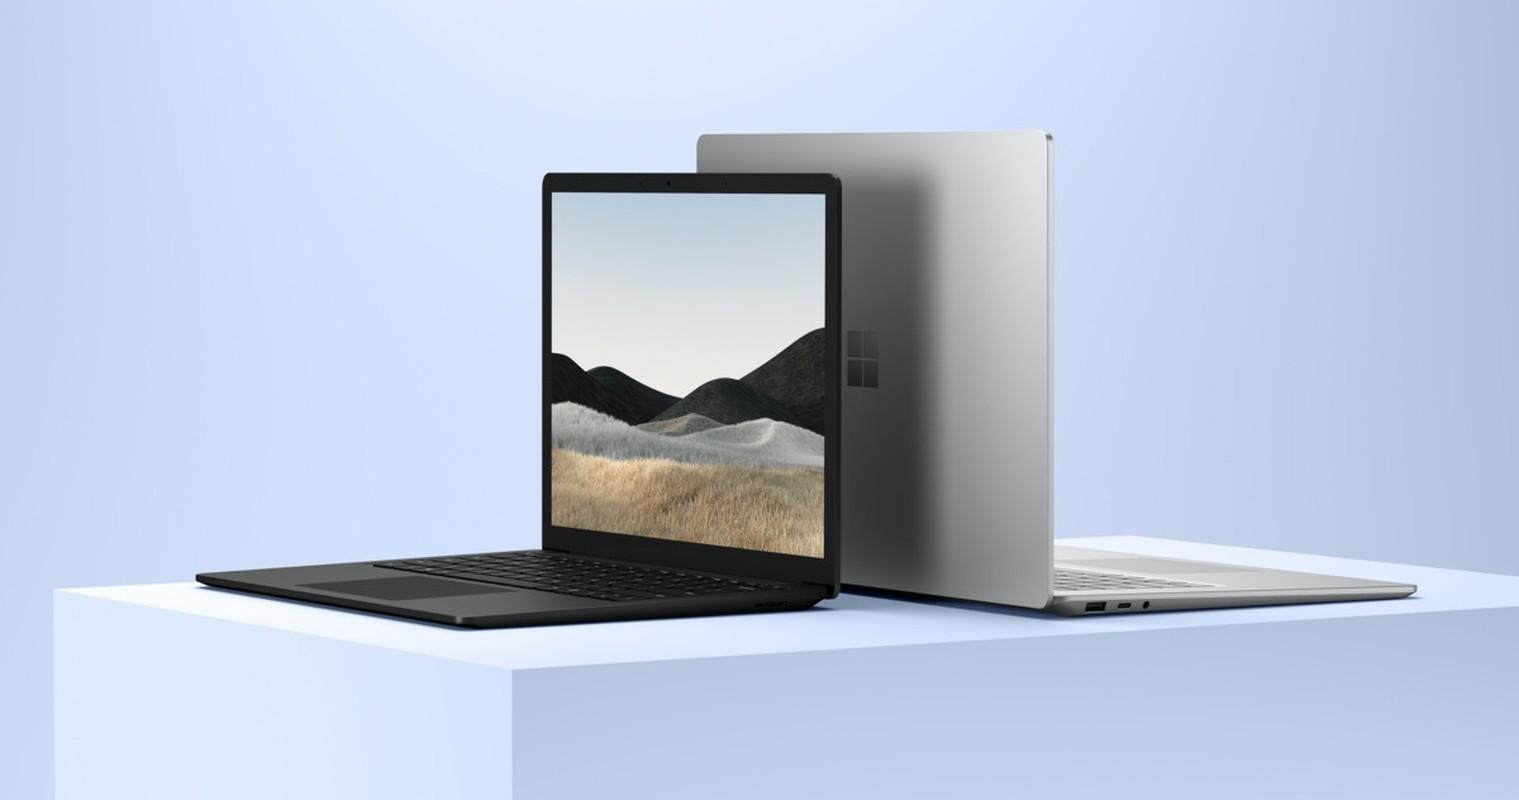 Lo dien laptop moi cua Microsoft, doi thu nang ky cua MacBook Air-Hinh-3